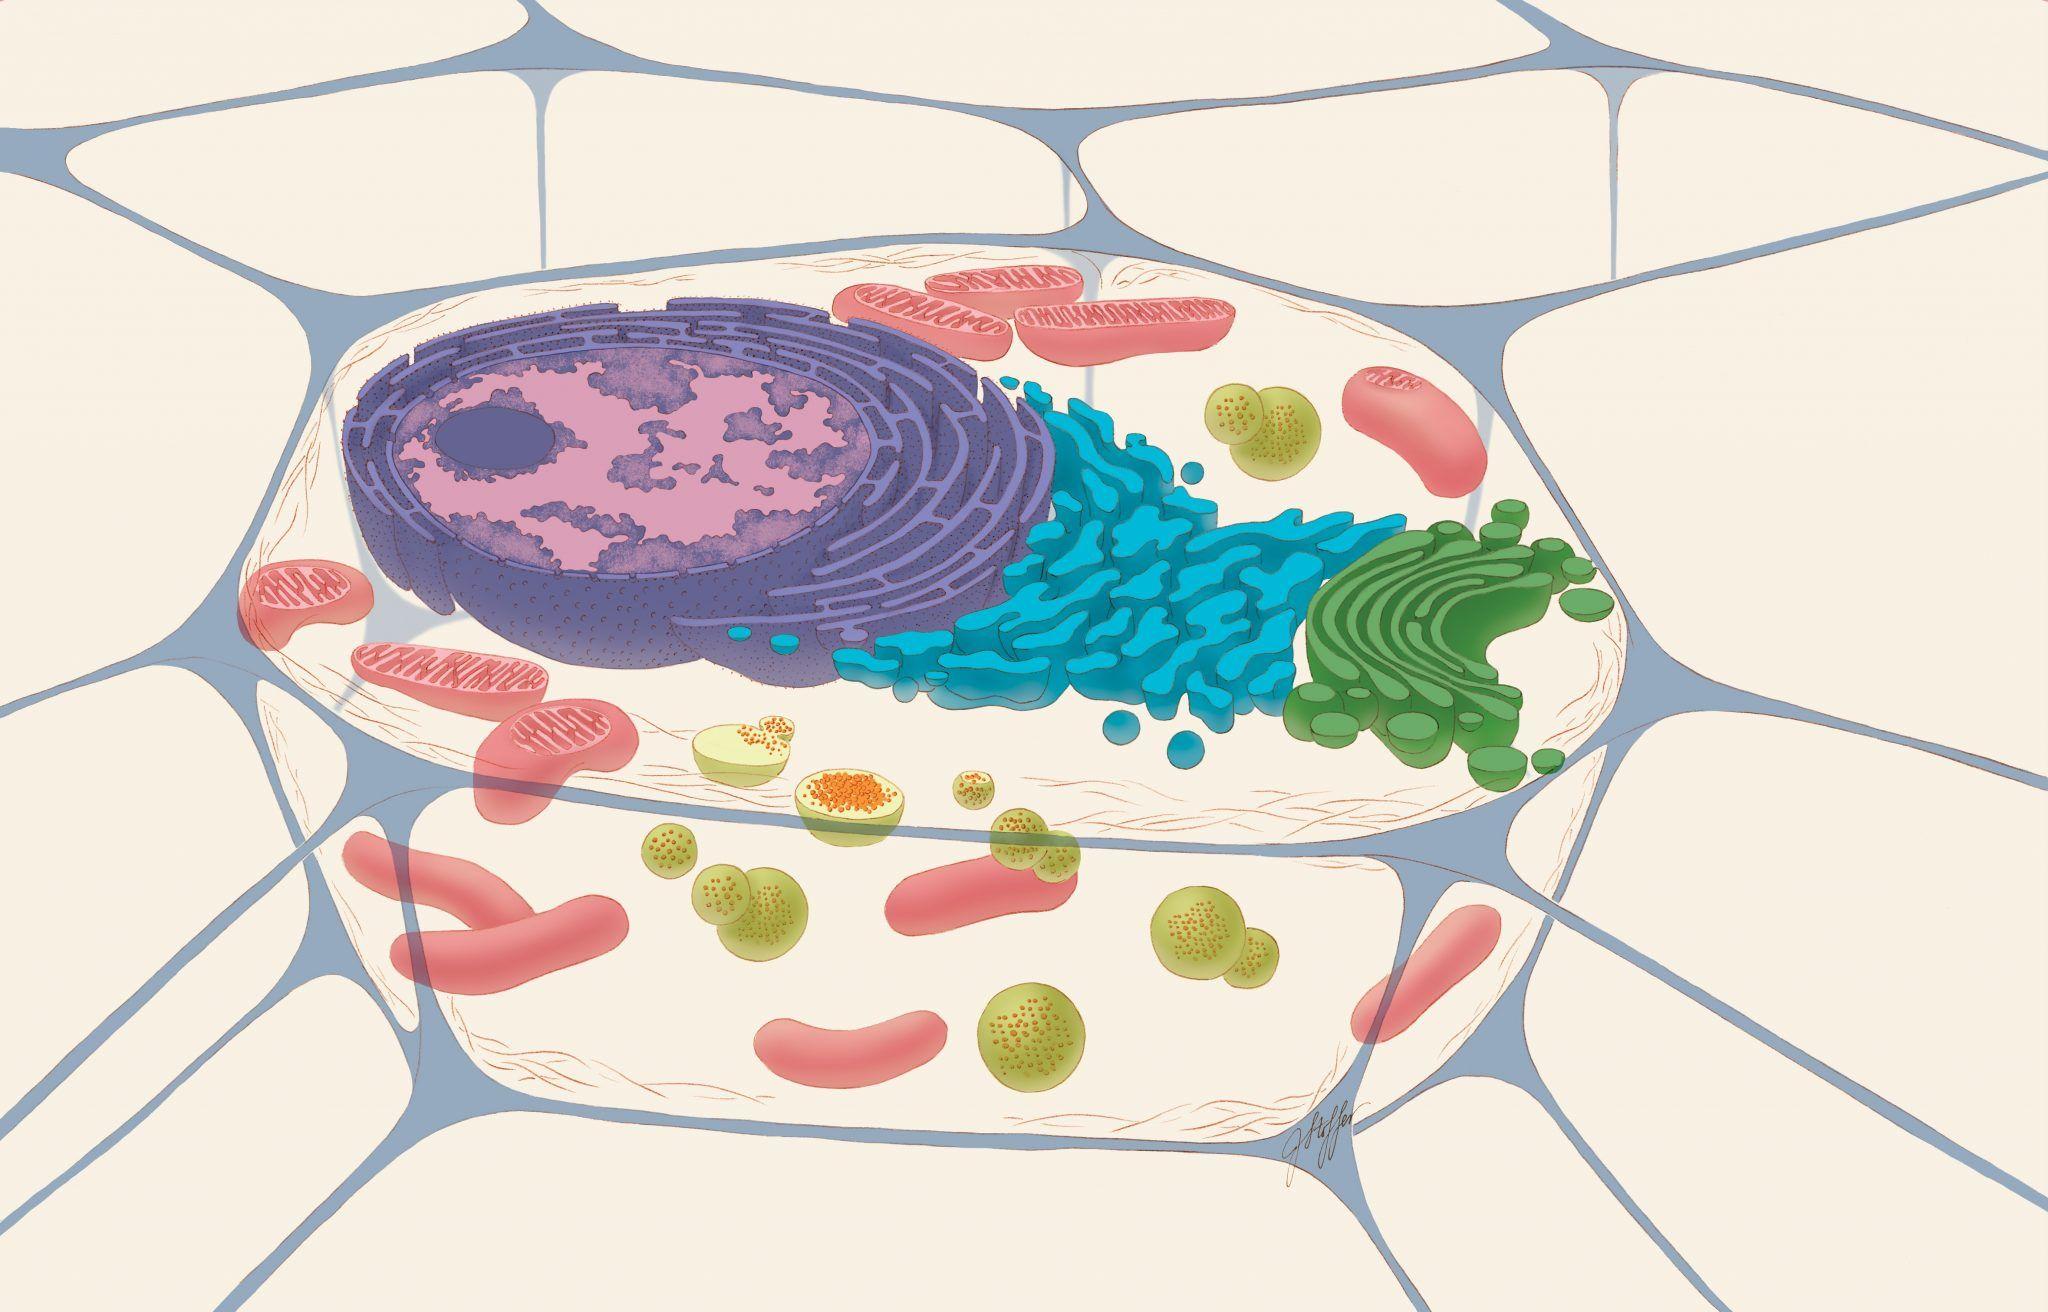 Dos estudios indican que la mutación en C9orf72 asociada a la esclerosis lateral amiotrófica y la demencia frontotemporal está implicada en el transporte de biomoléculas entre el núcleo y resto de la célula.. Representación de una célula animal típica, en la que se observan, entre otros orgánulos múltiples mitocondrias. Imagen: Judith Stoffer, National (Institute of General Medical Sciences, NIGMS).